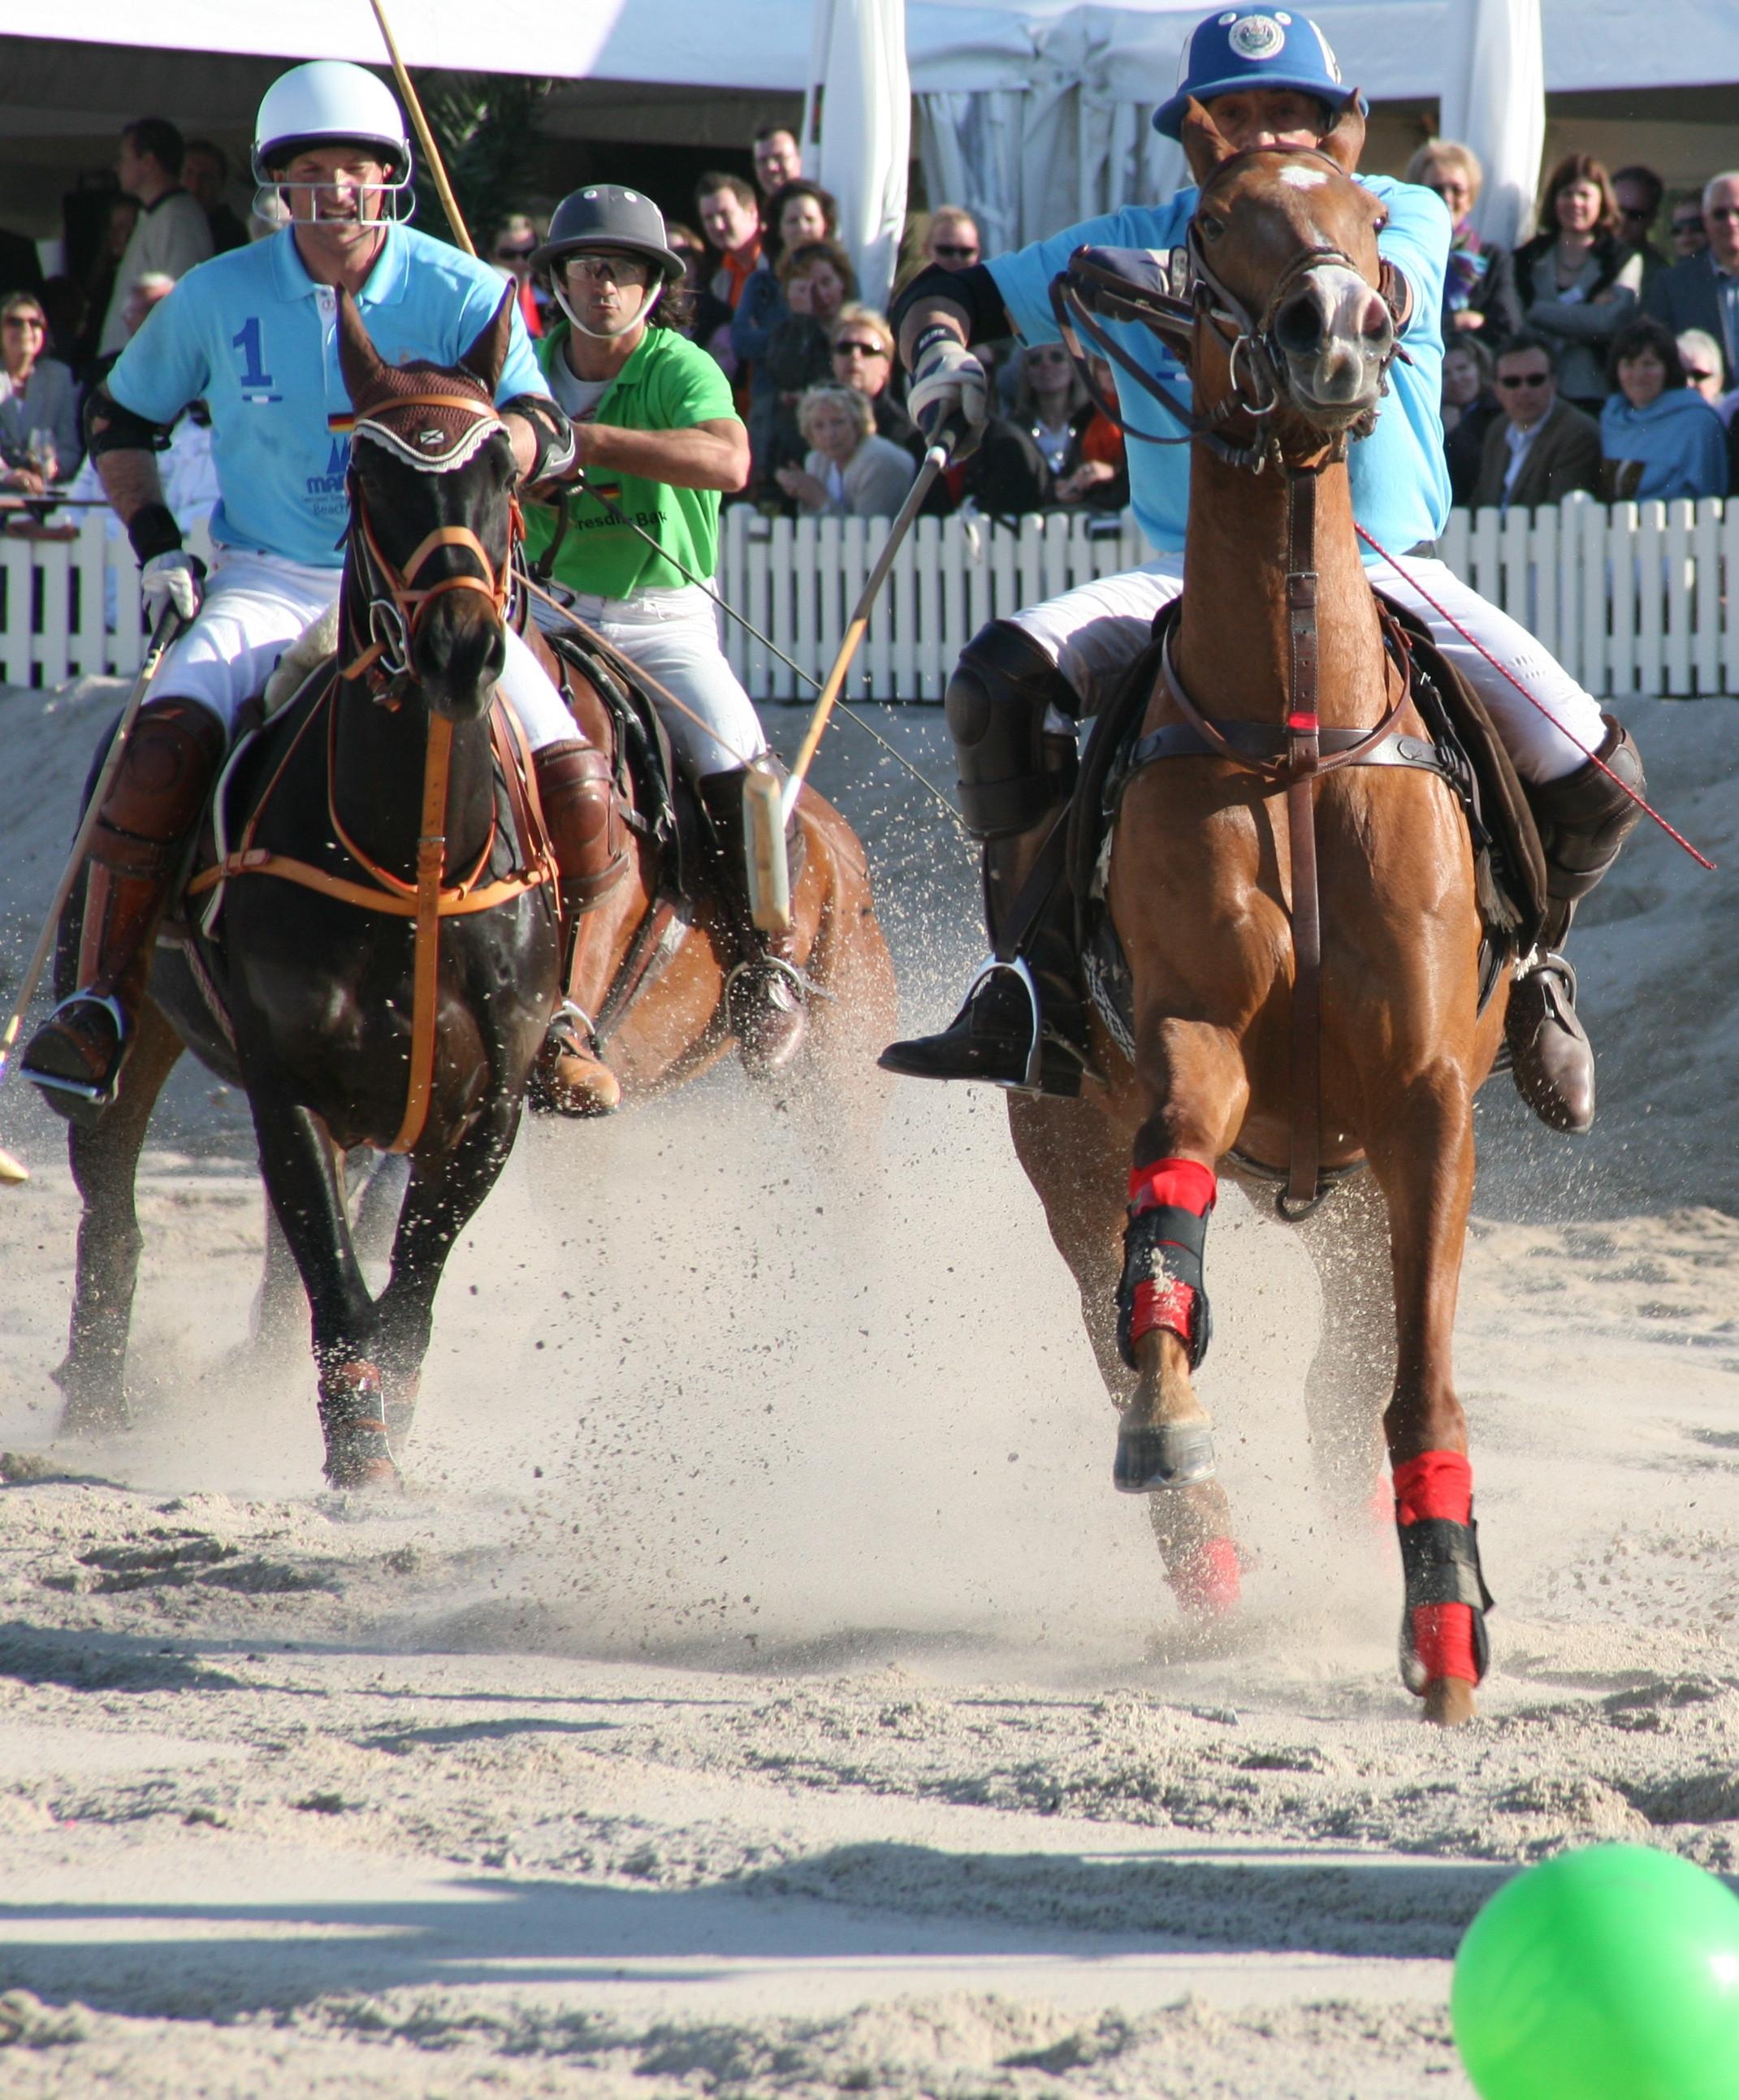 Der Flughafen München lädt zum 1. Polosport-Turnier